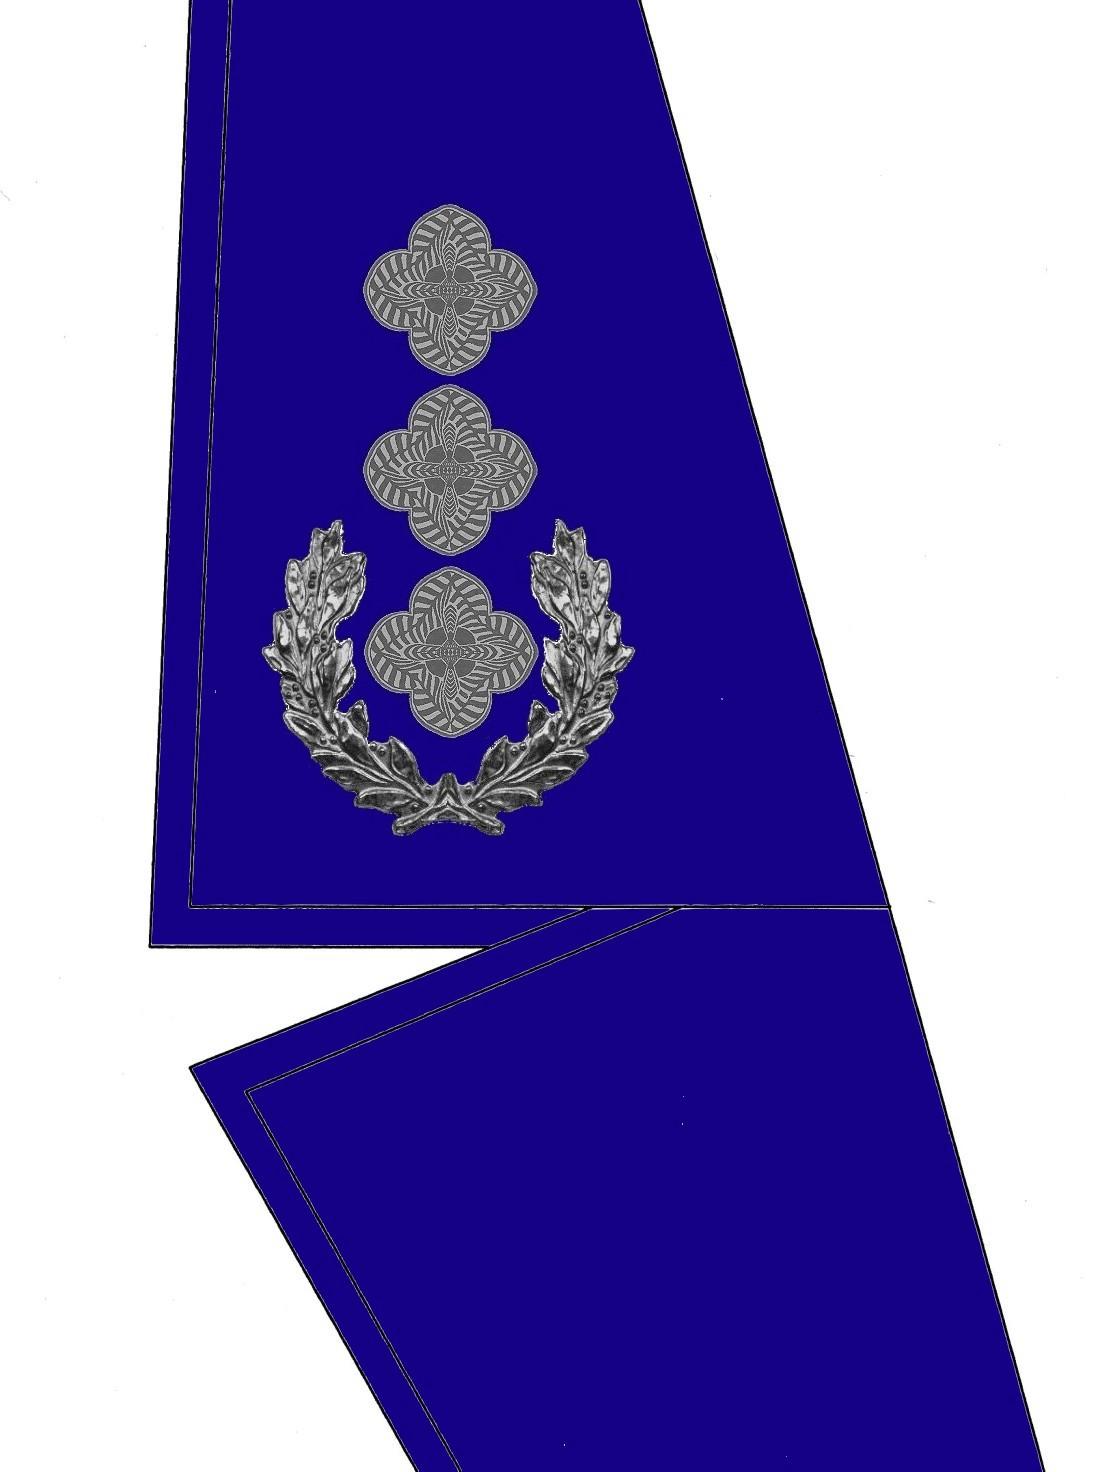 10-kragen-rangabzeichen-1-vzlt-csli-hg-blau